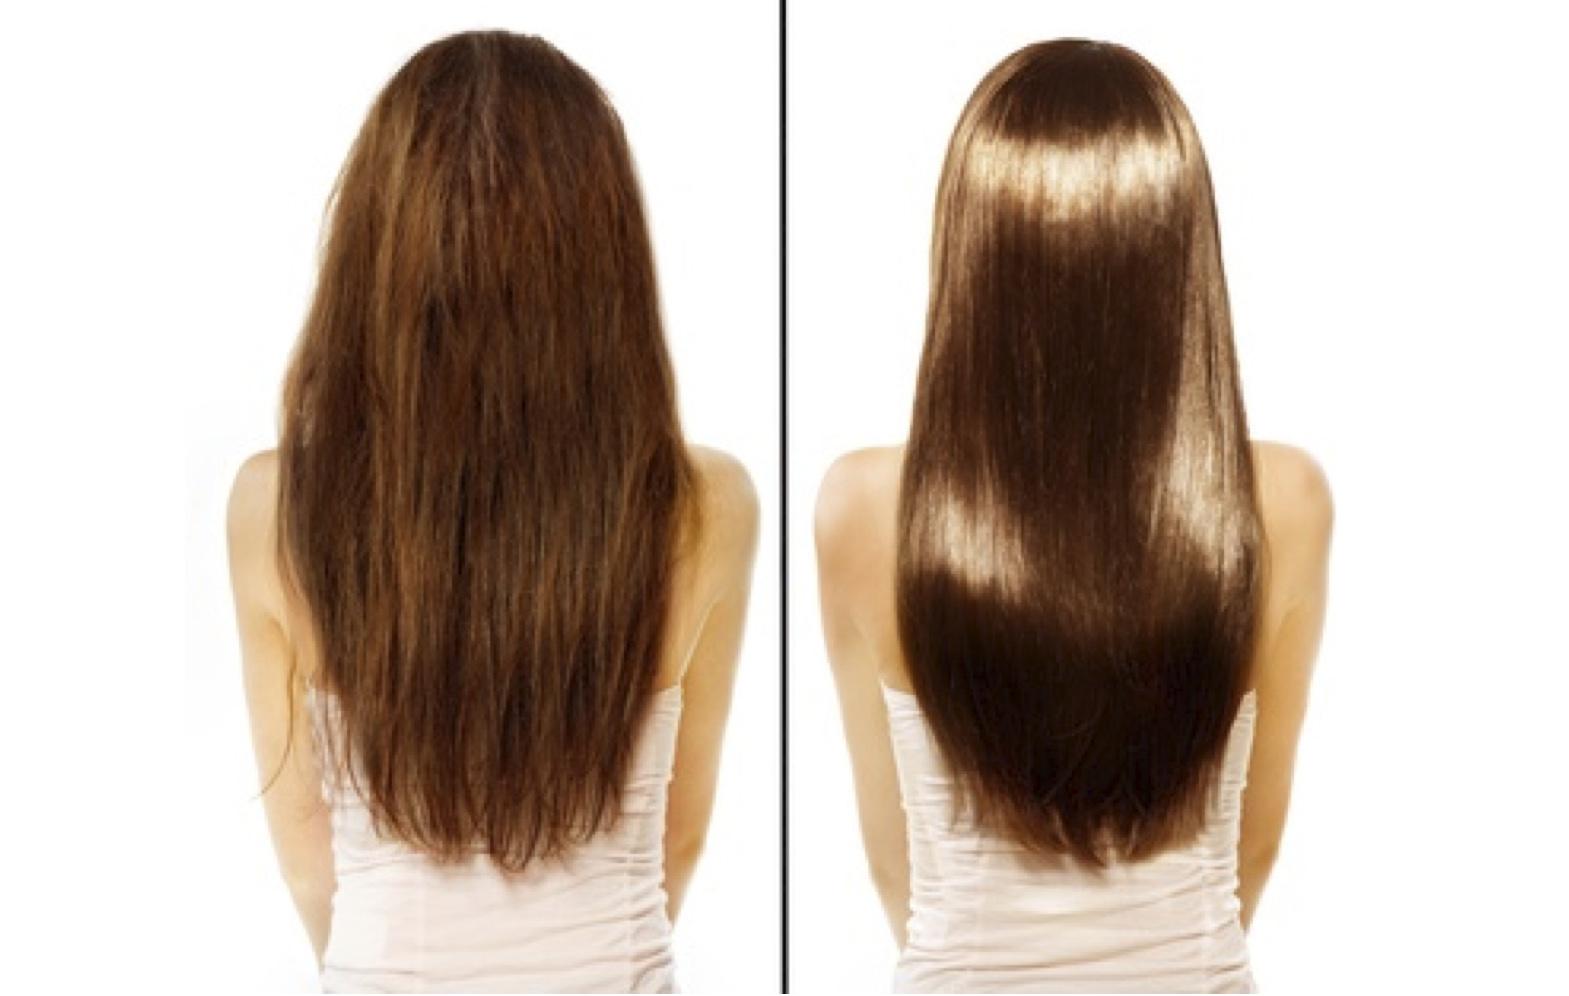 Trattamento per capelli | Elisirdargan.com